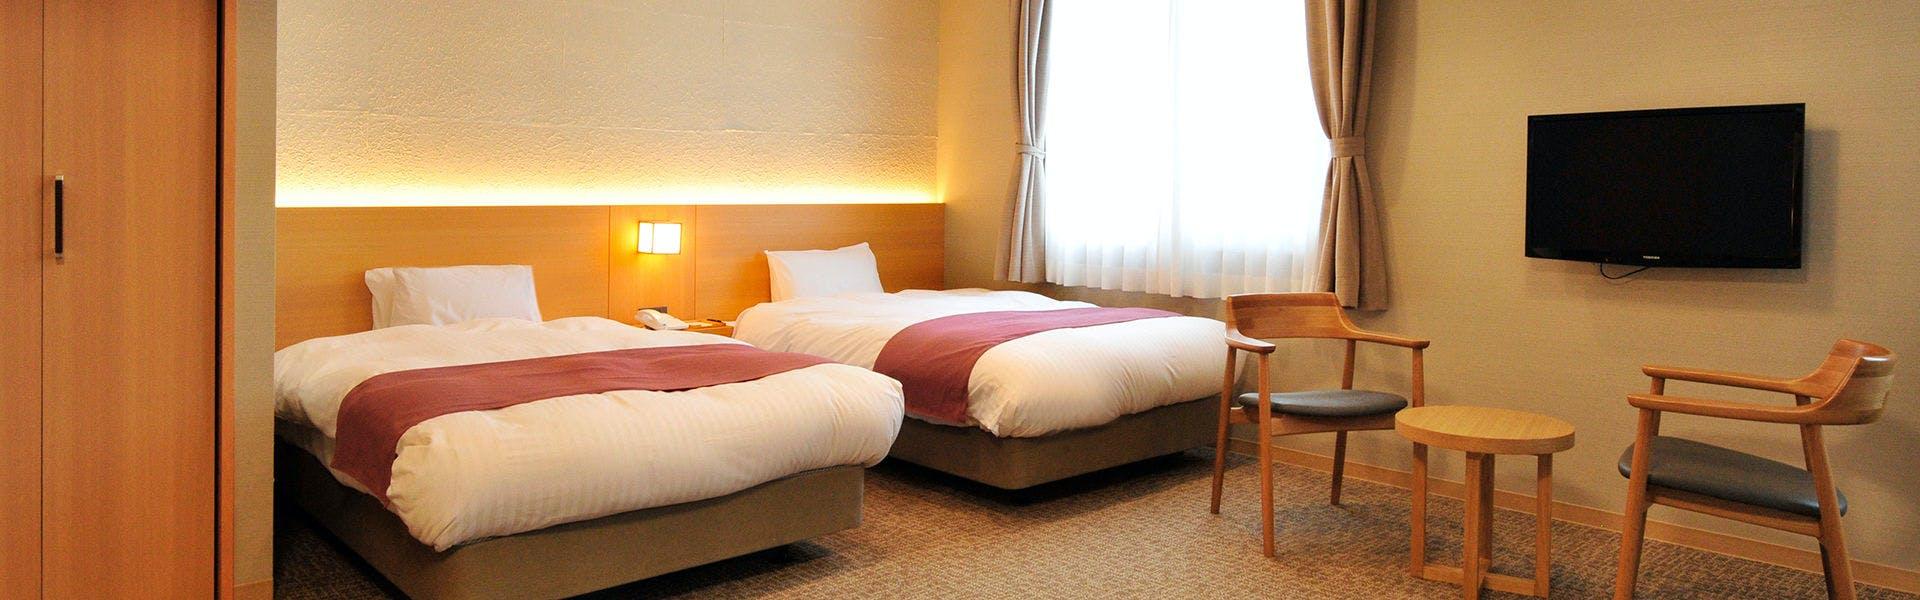 記念日におすすめのホテル・【ニセコ温泉郷 いこいの湯宿 いろは】の写真2